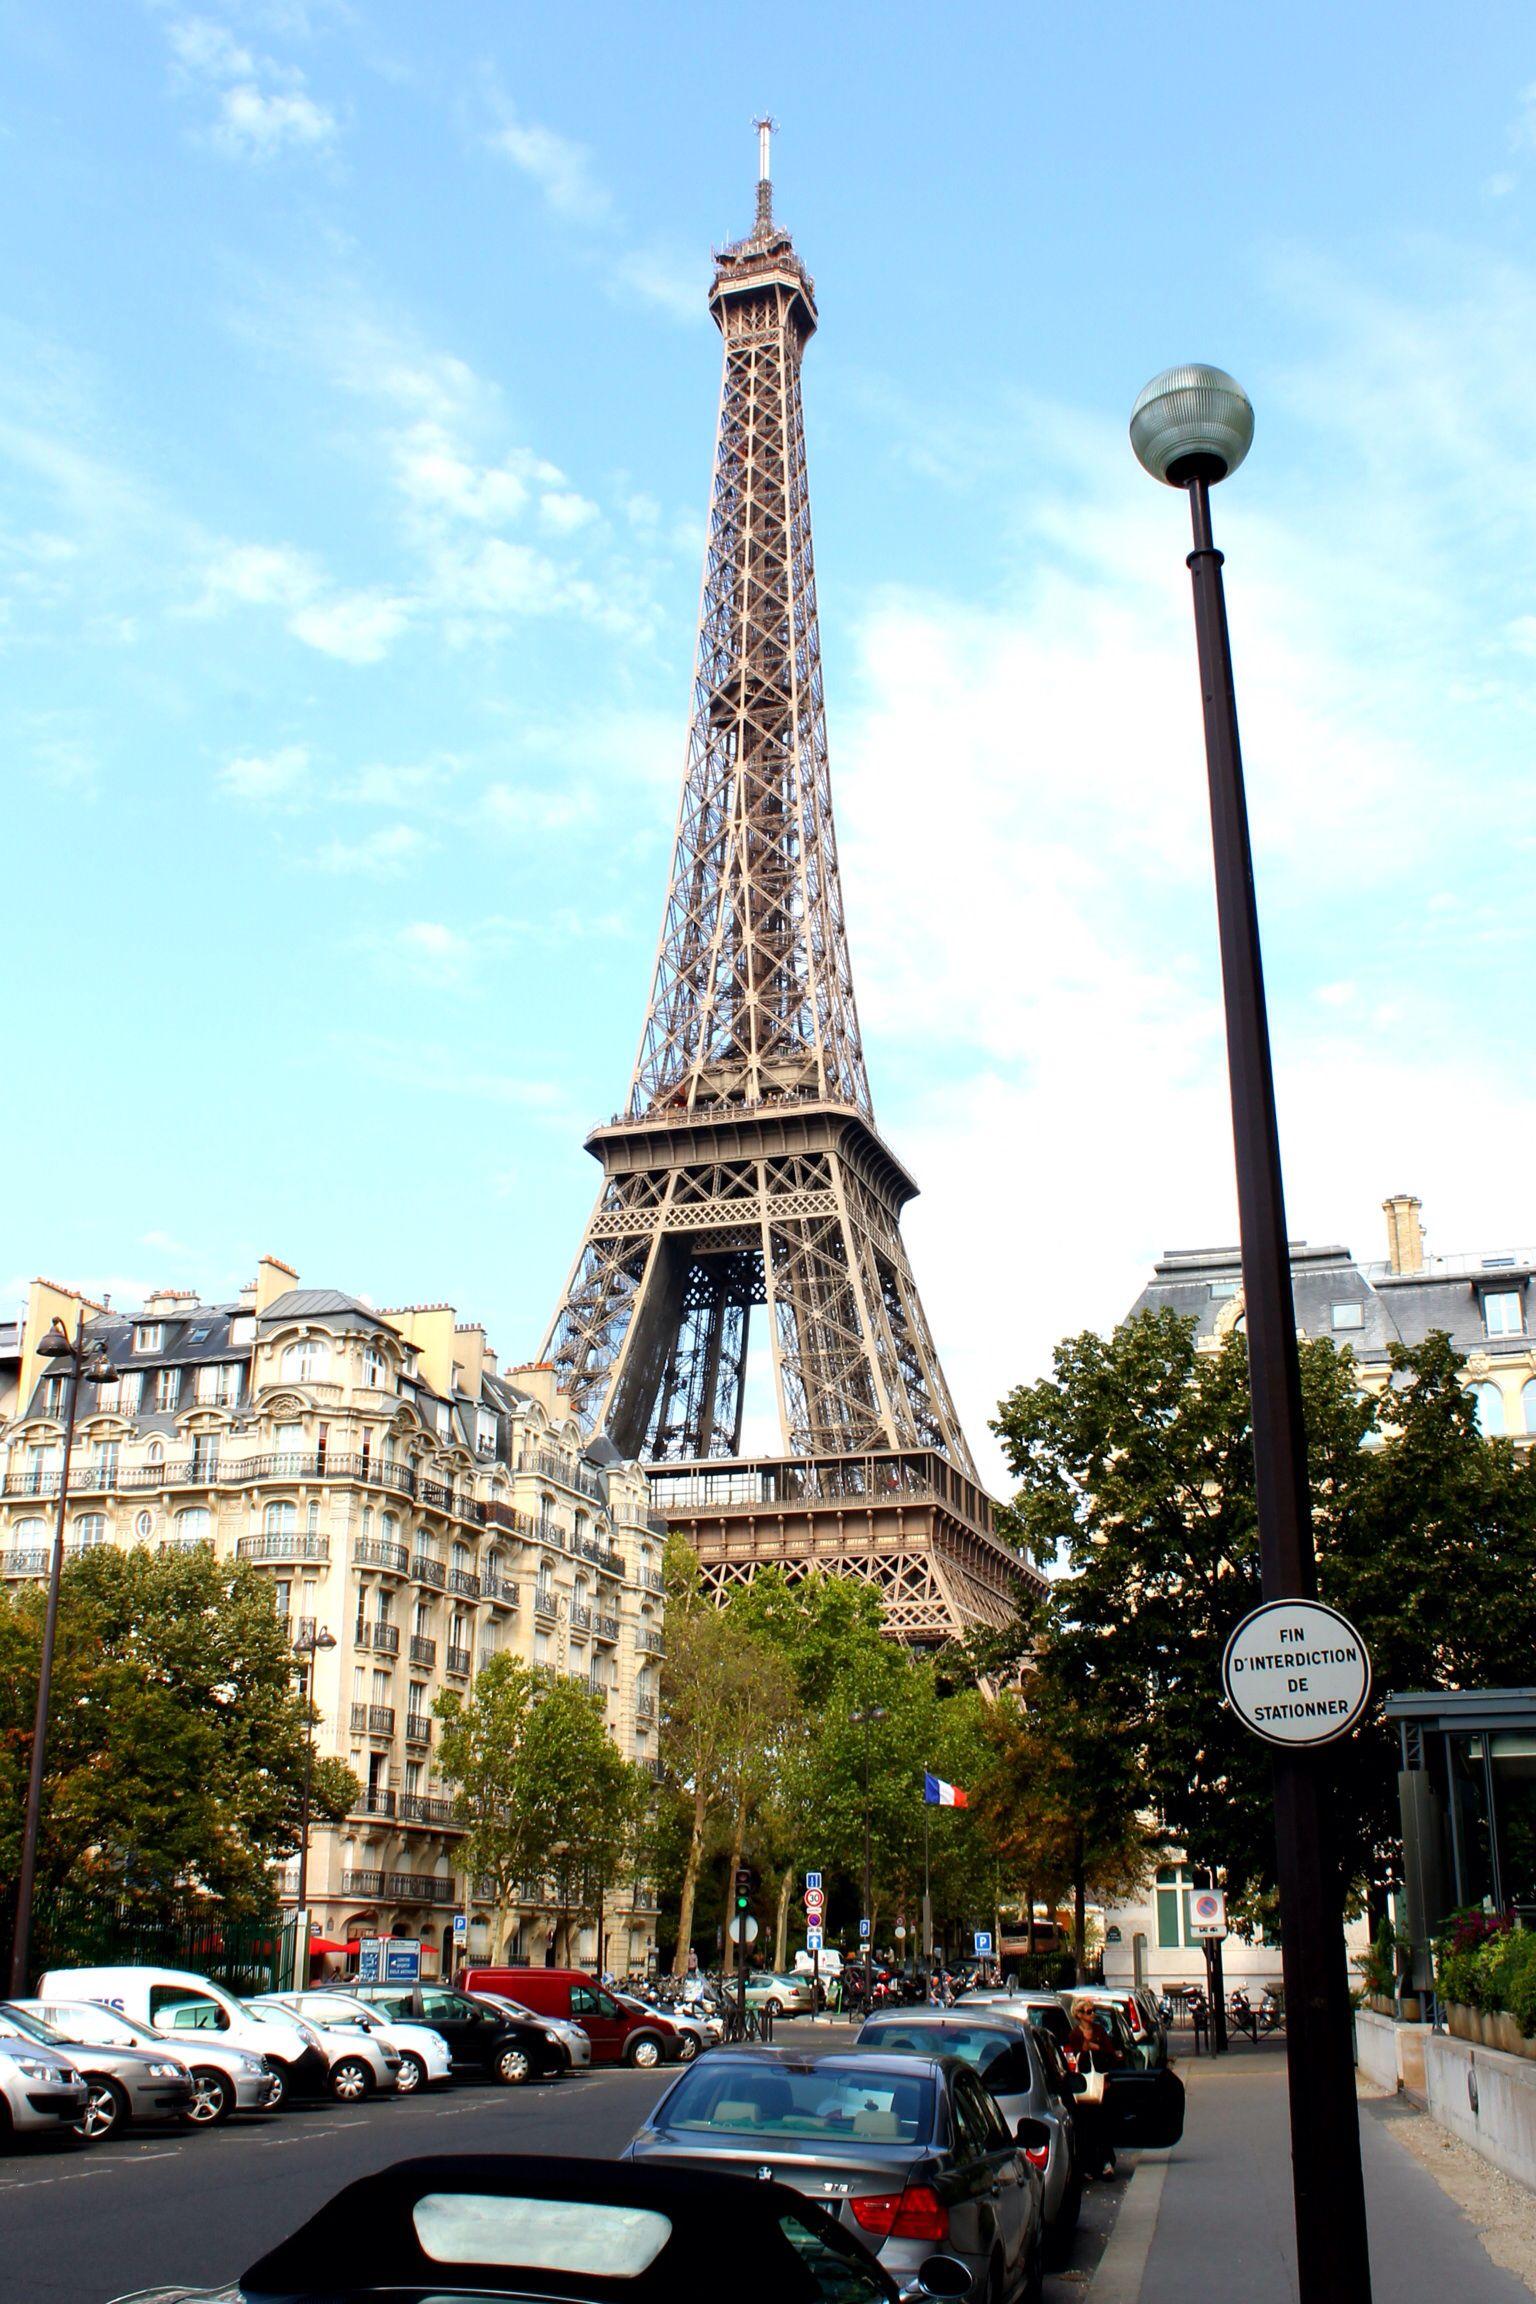 Pullman Hotel Eiffel Tower 2018 World' Hotels